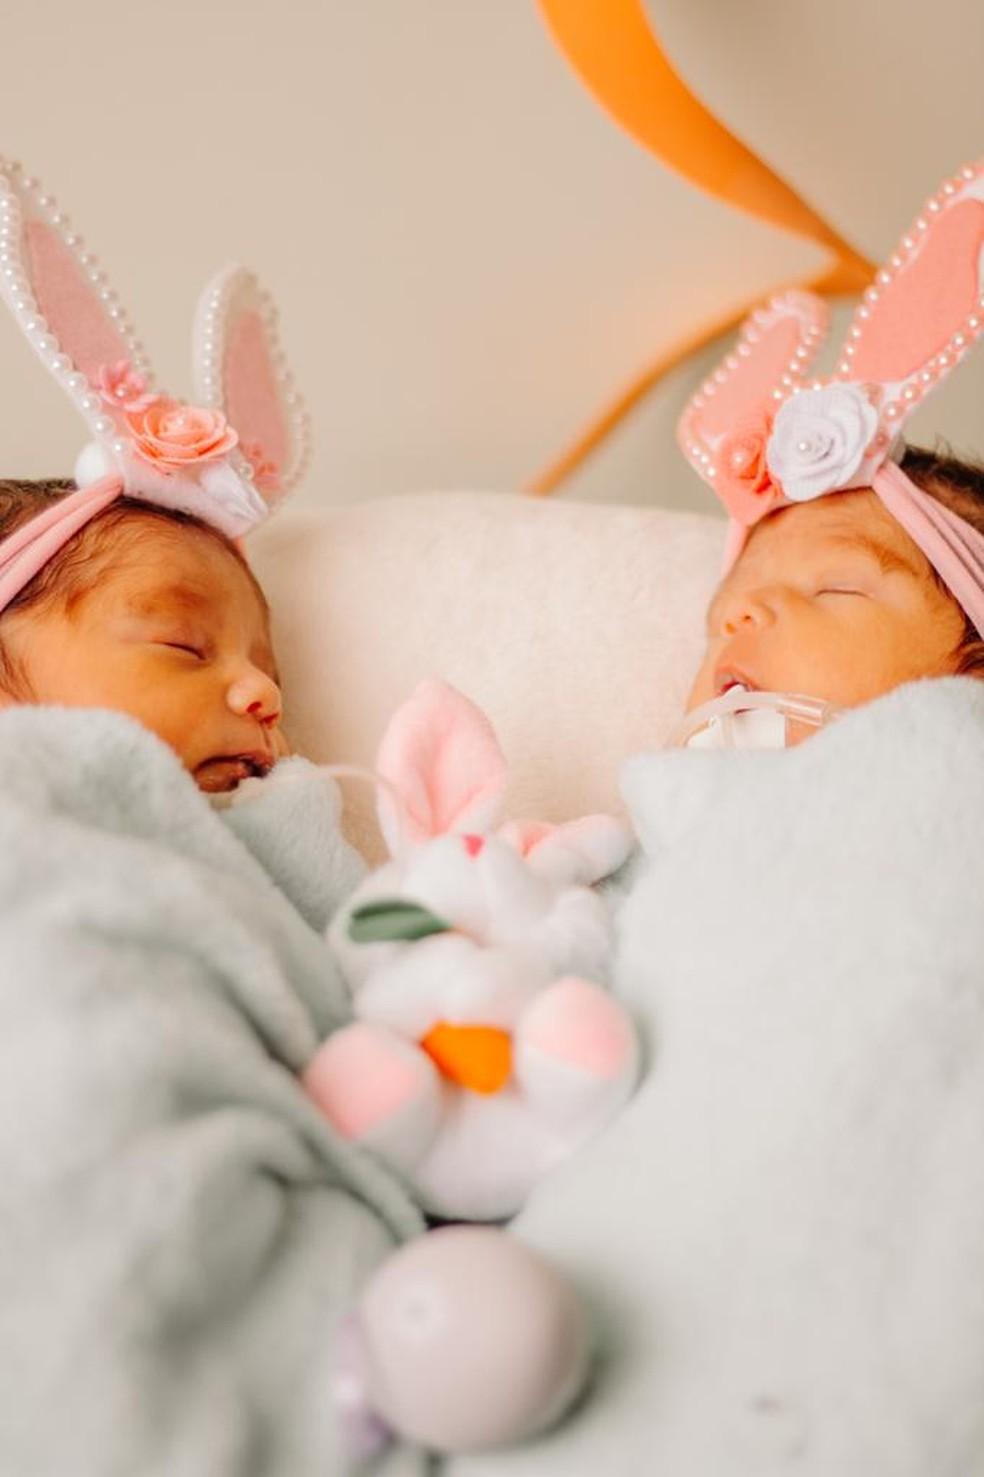 Bebês viraram modelos por um dia em ensaio para a Páscoa — Foto: Arquivo/Hospital Santa Juliana